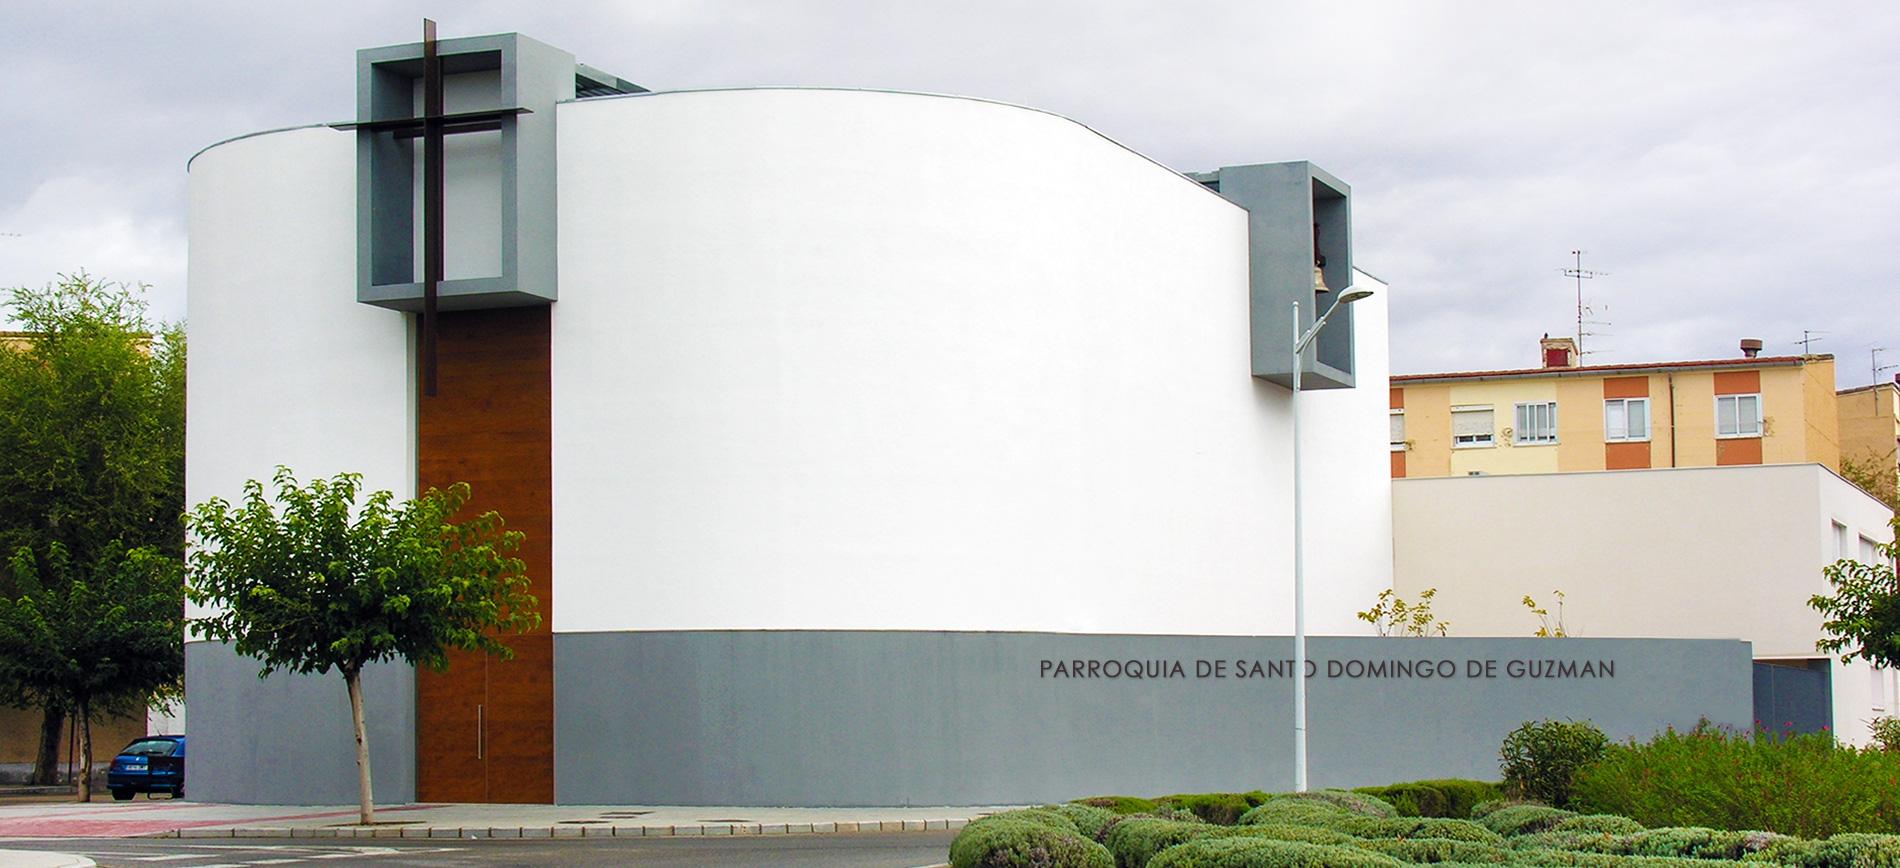 Parroquia de Santo Domingo de Guzmán - Cotealba - Albacete